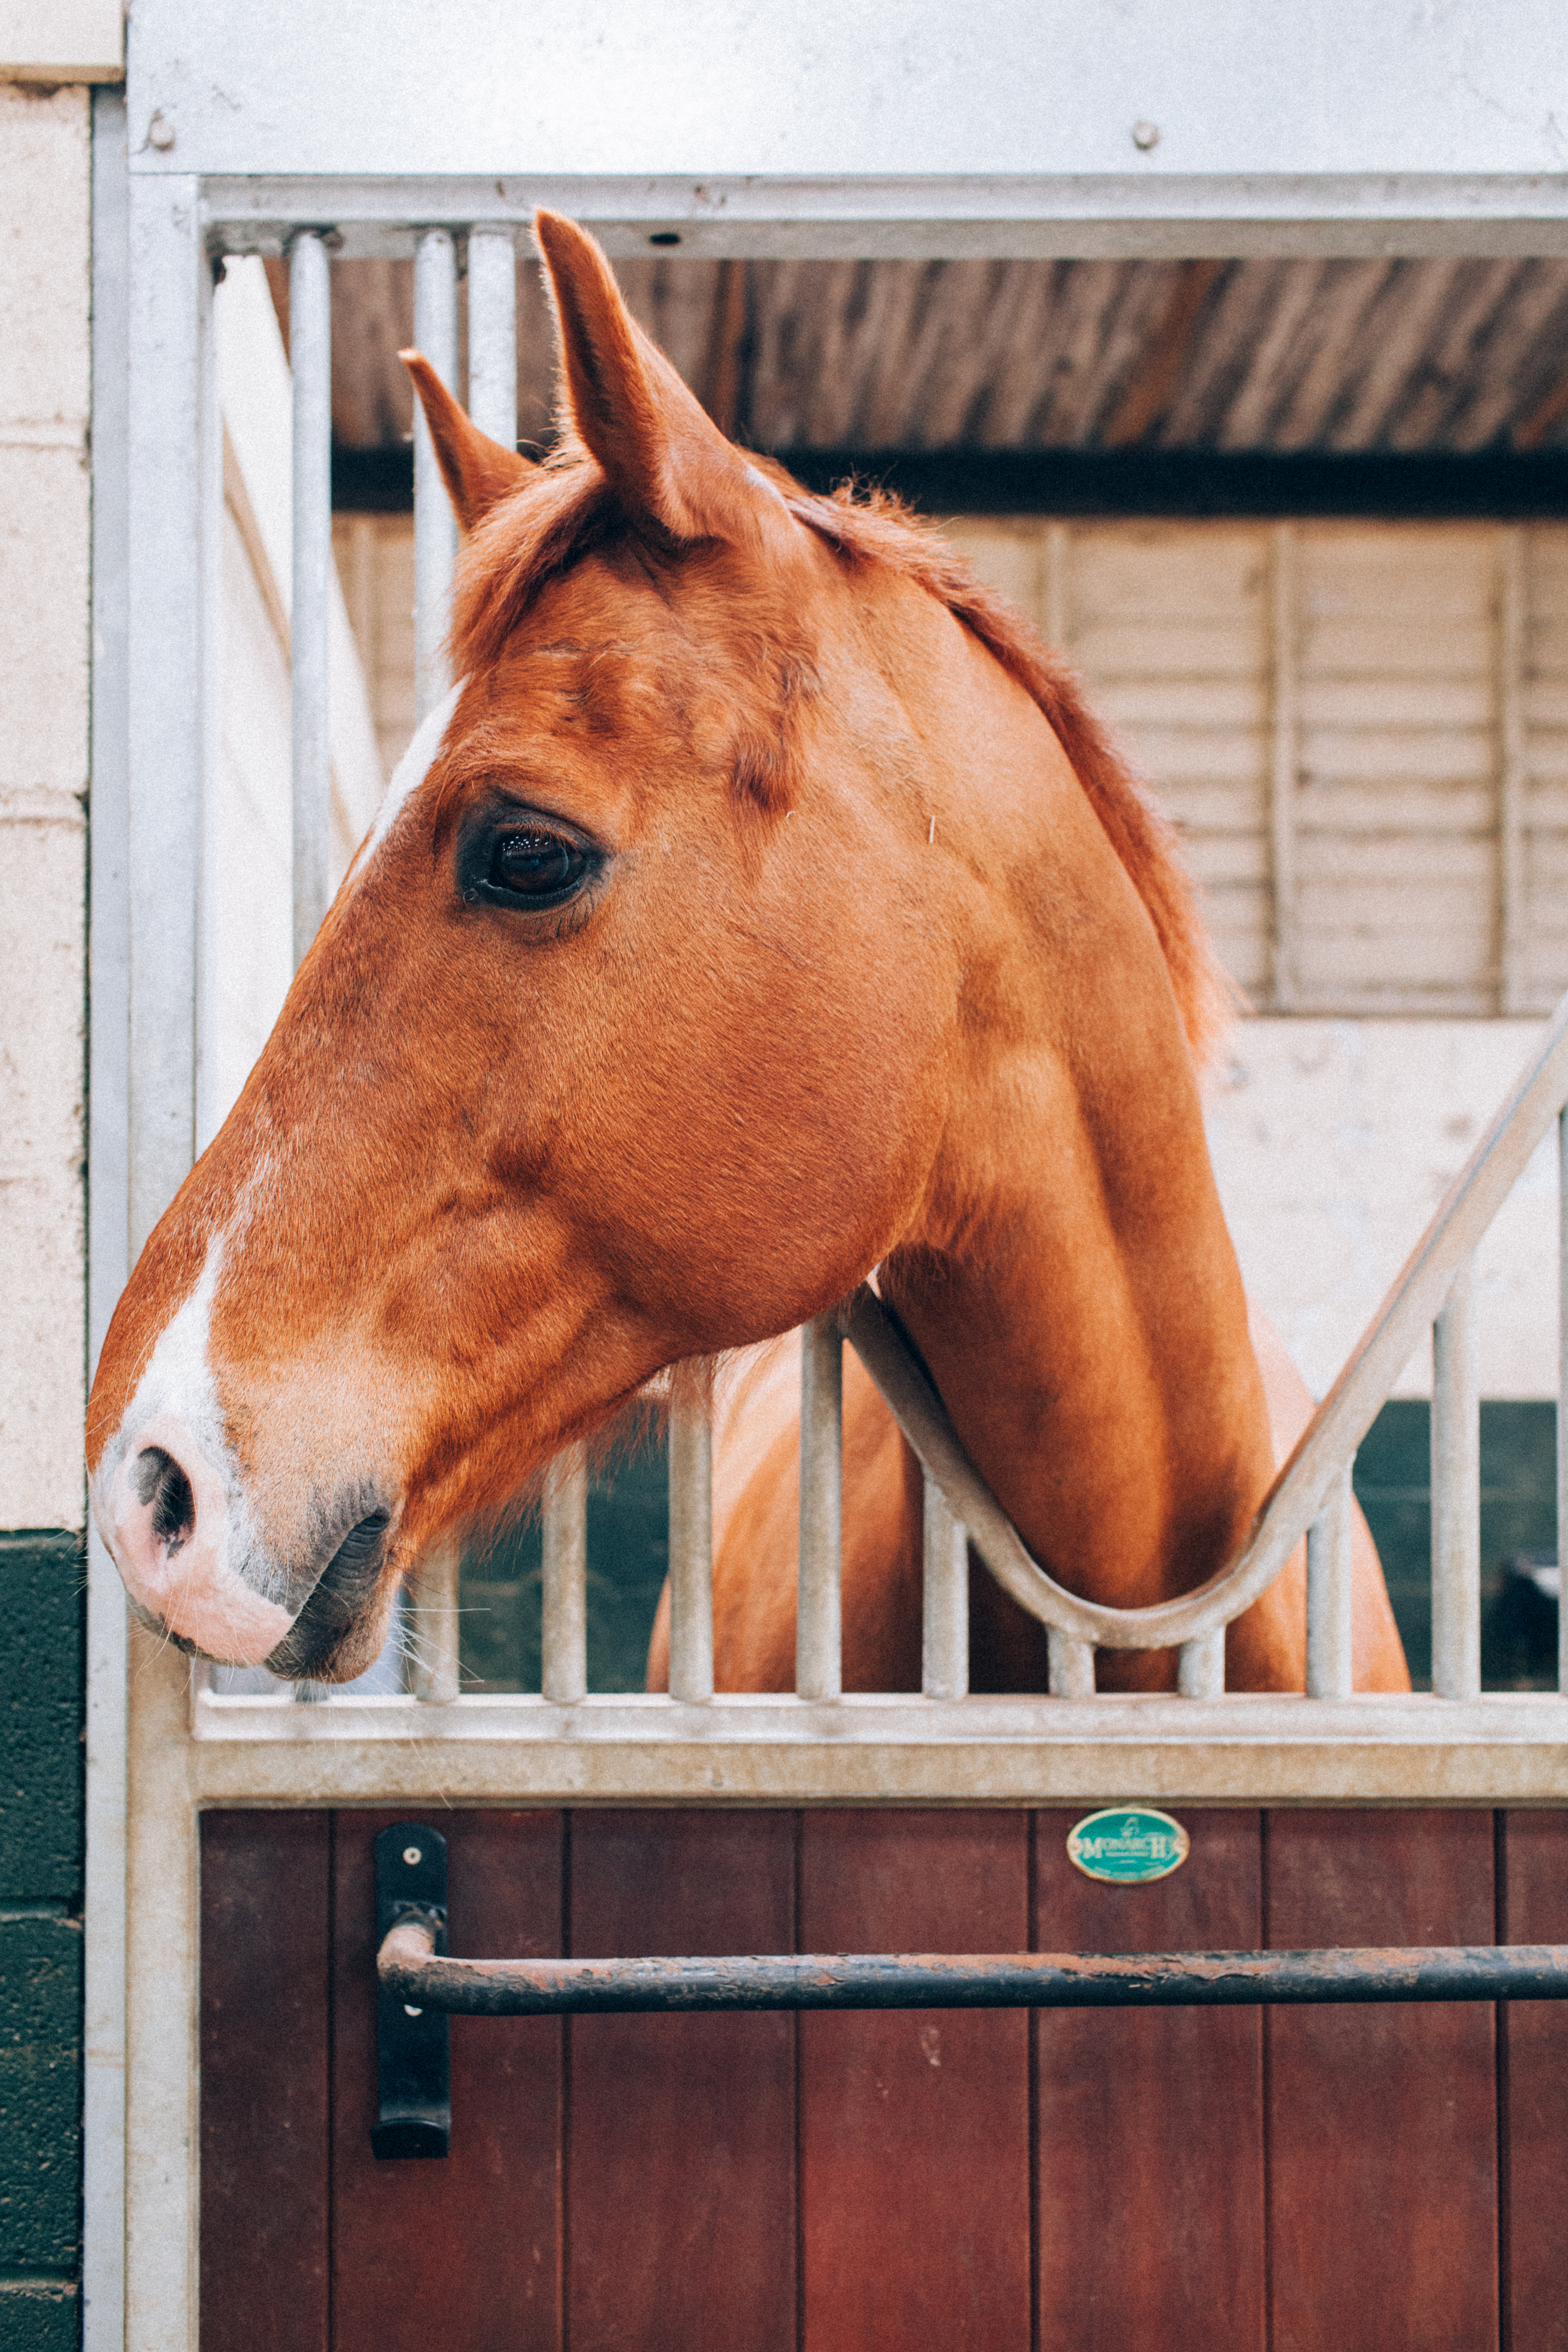 Lucknam Equestrian Centre